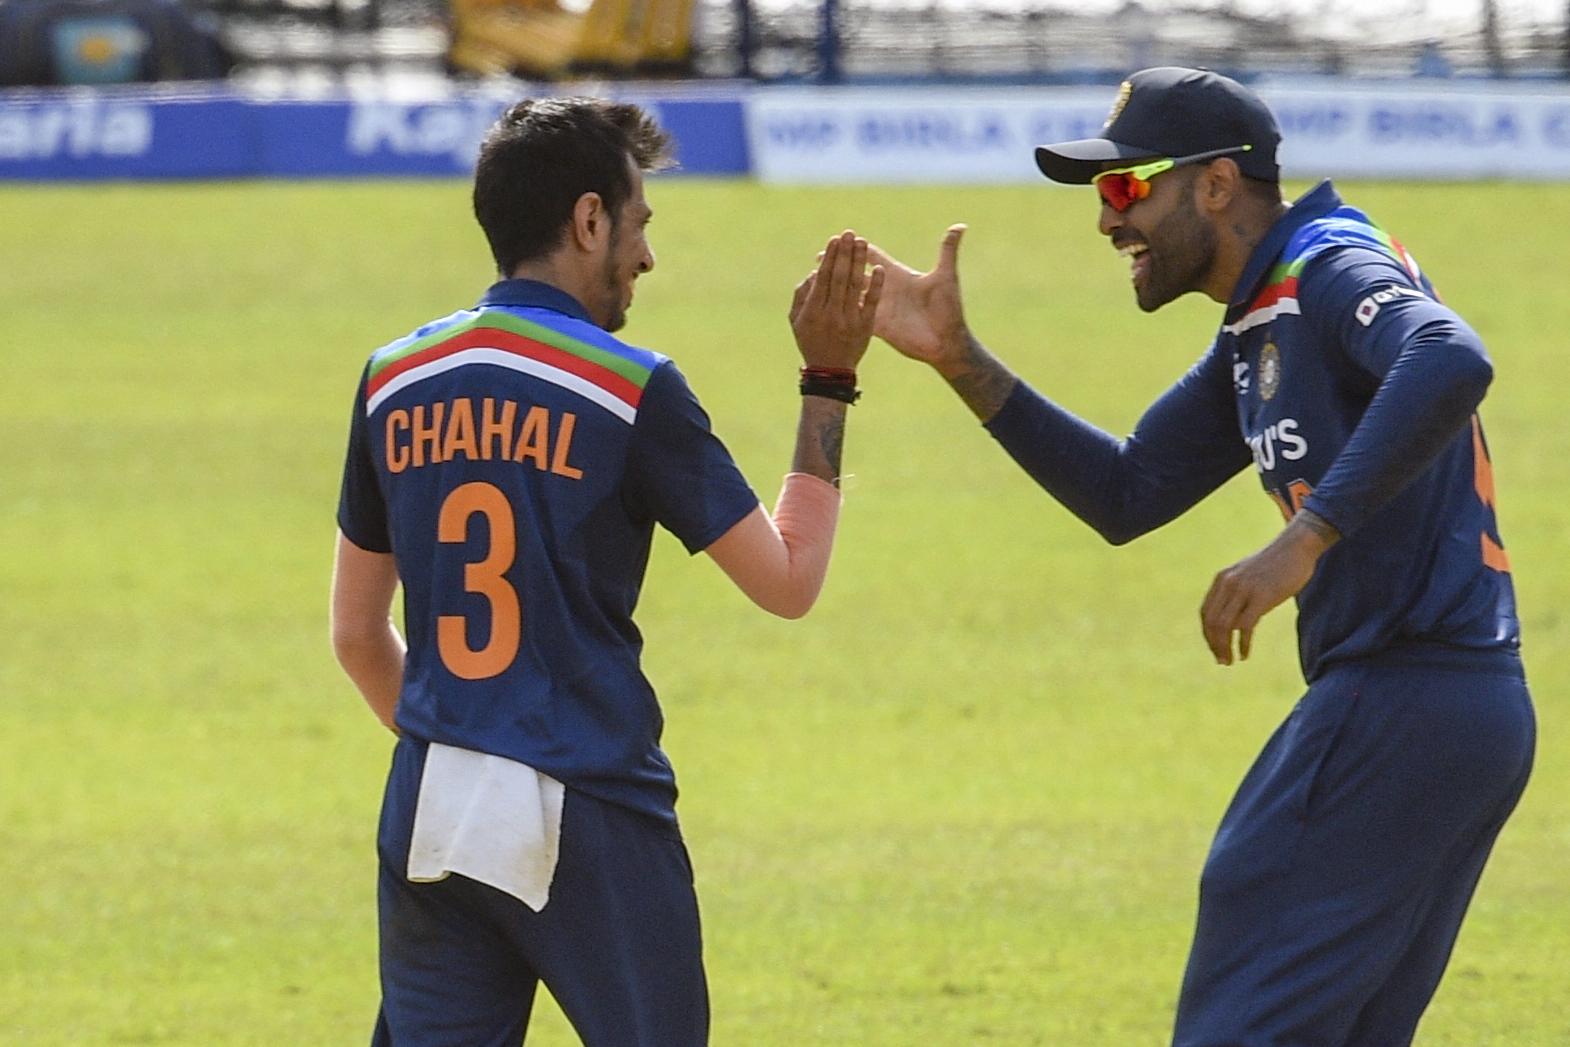 चहल ने श्रीलंका के कप्तान शनाका का विकेट लिया। इसके बाद सूयर्यकुमार यादव के साथ जश्न मनाते हुए।